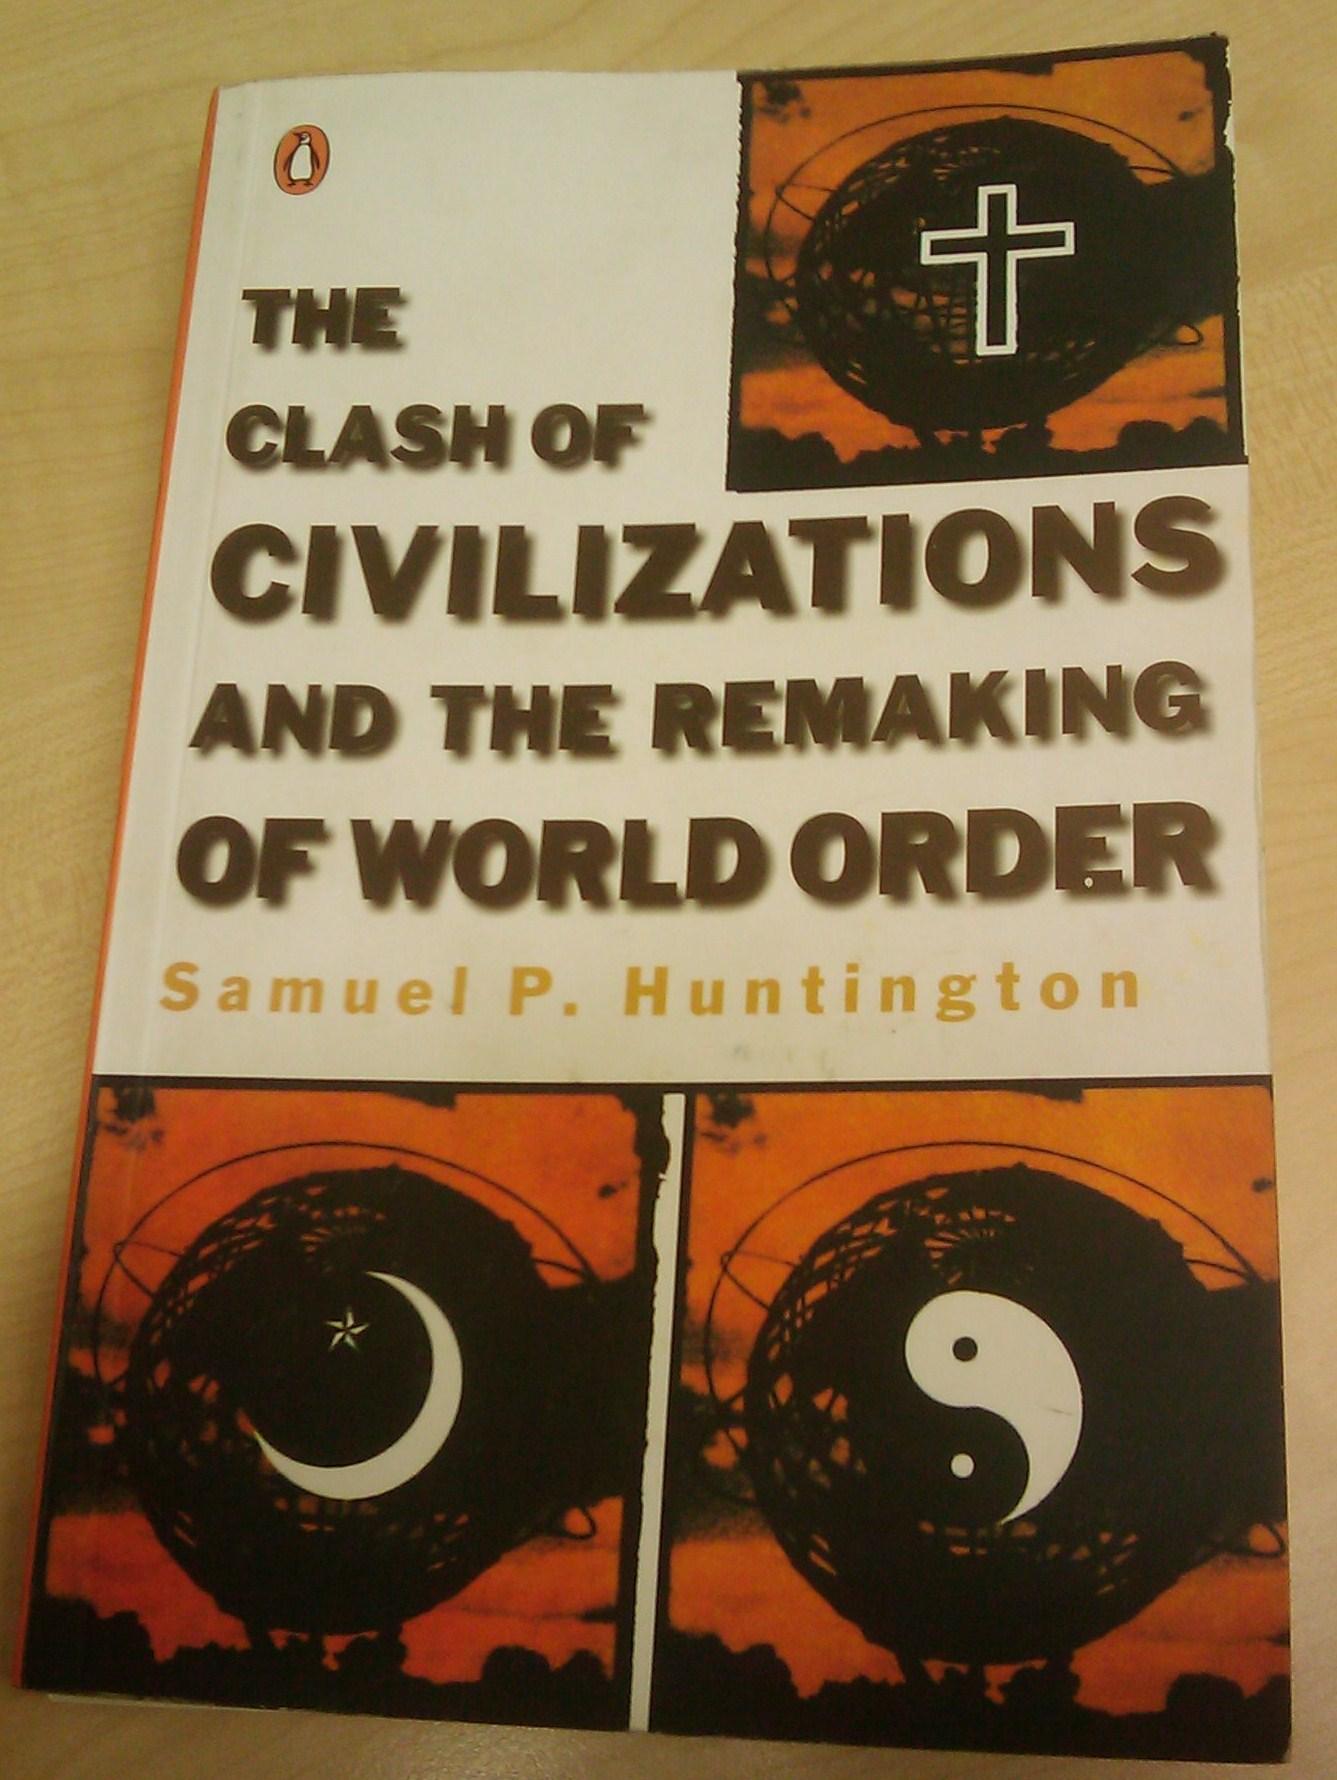 అంతా మత గవాక్షంలోనుంచే (The clash of civilizations )